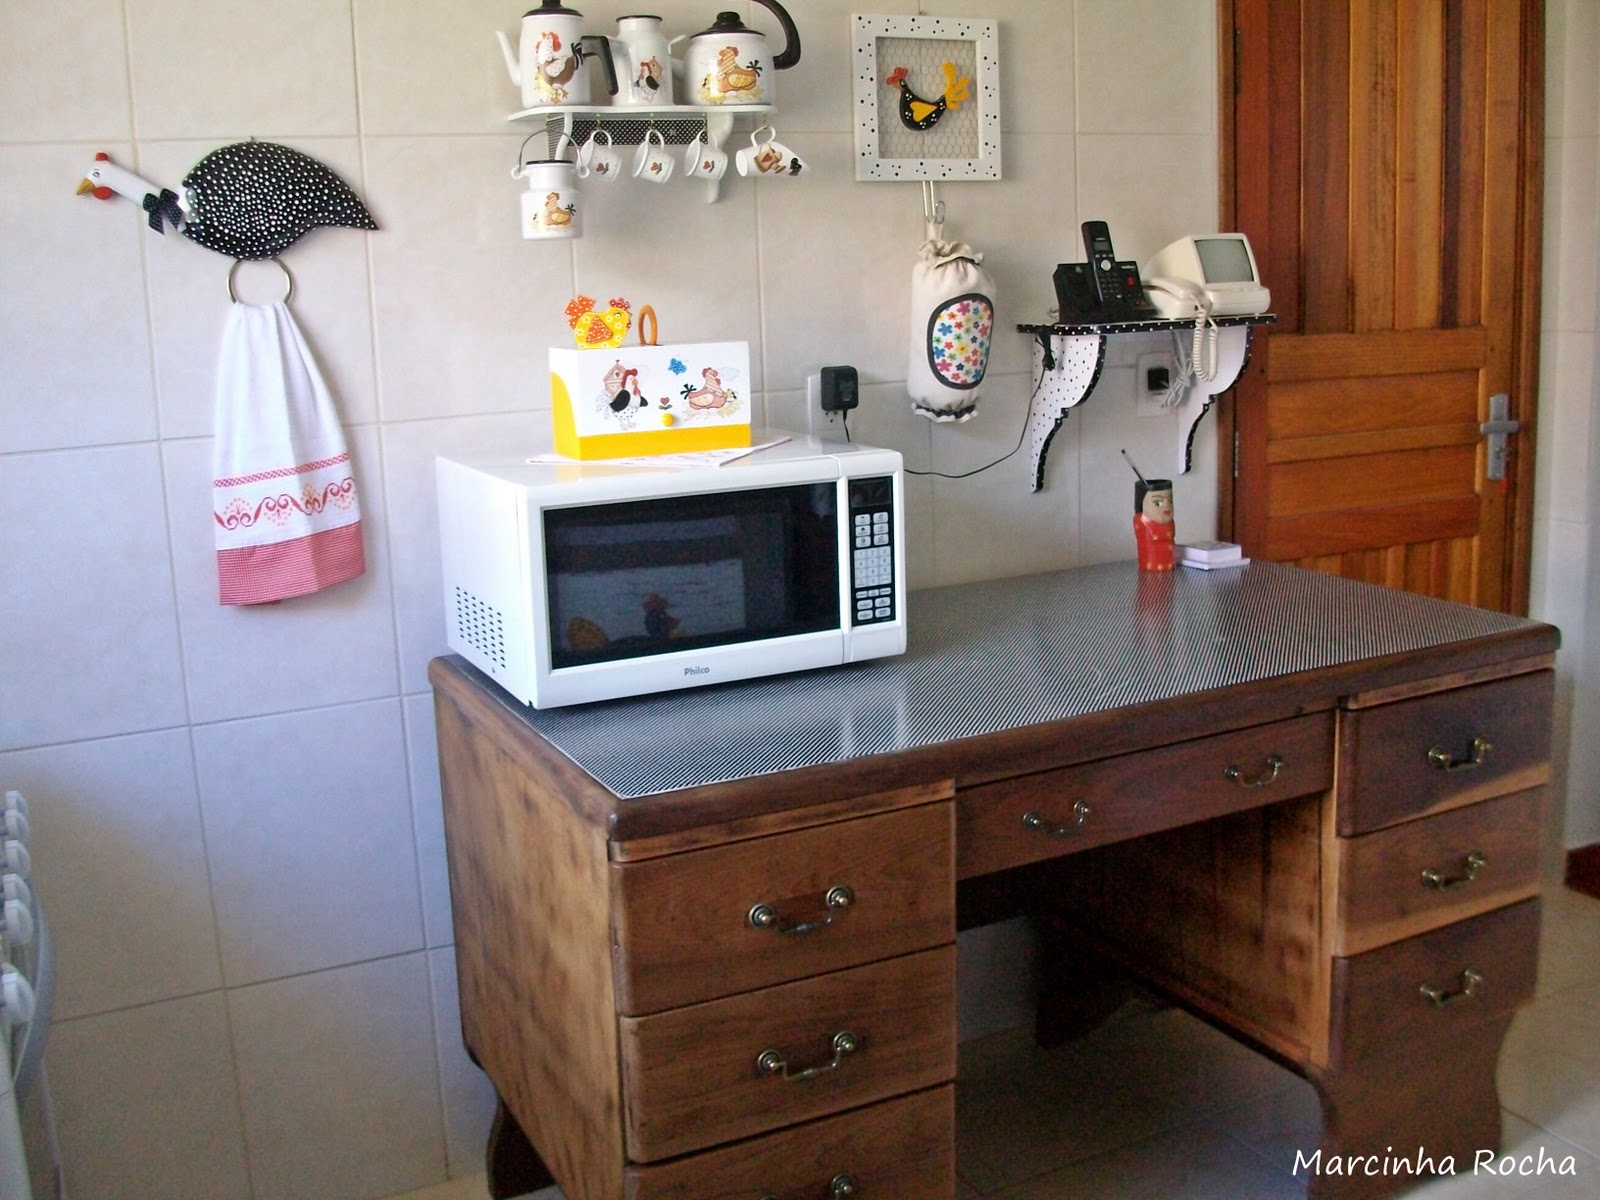 de armário antigo em cristaleira na cozinha mineira! Jeito de  #6D3C23 1600x1200